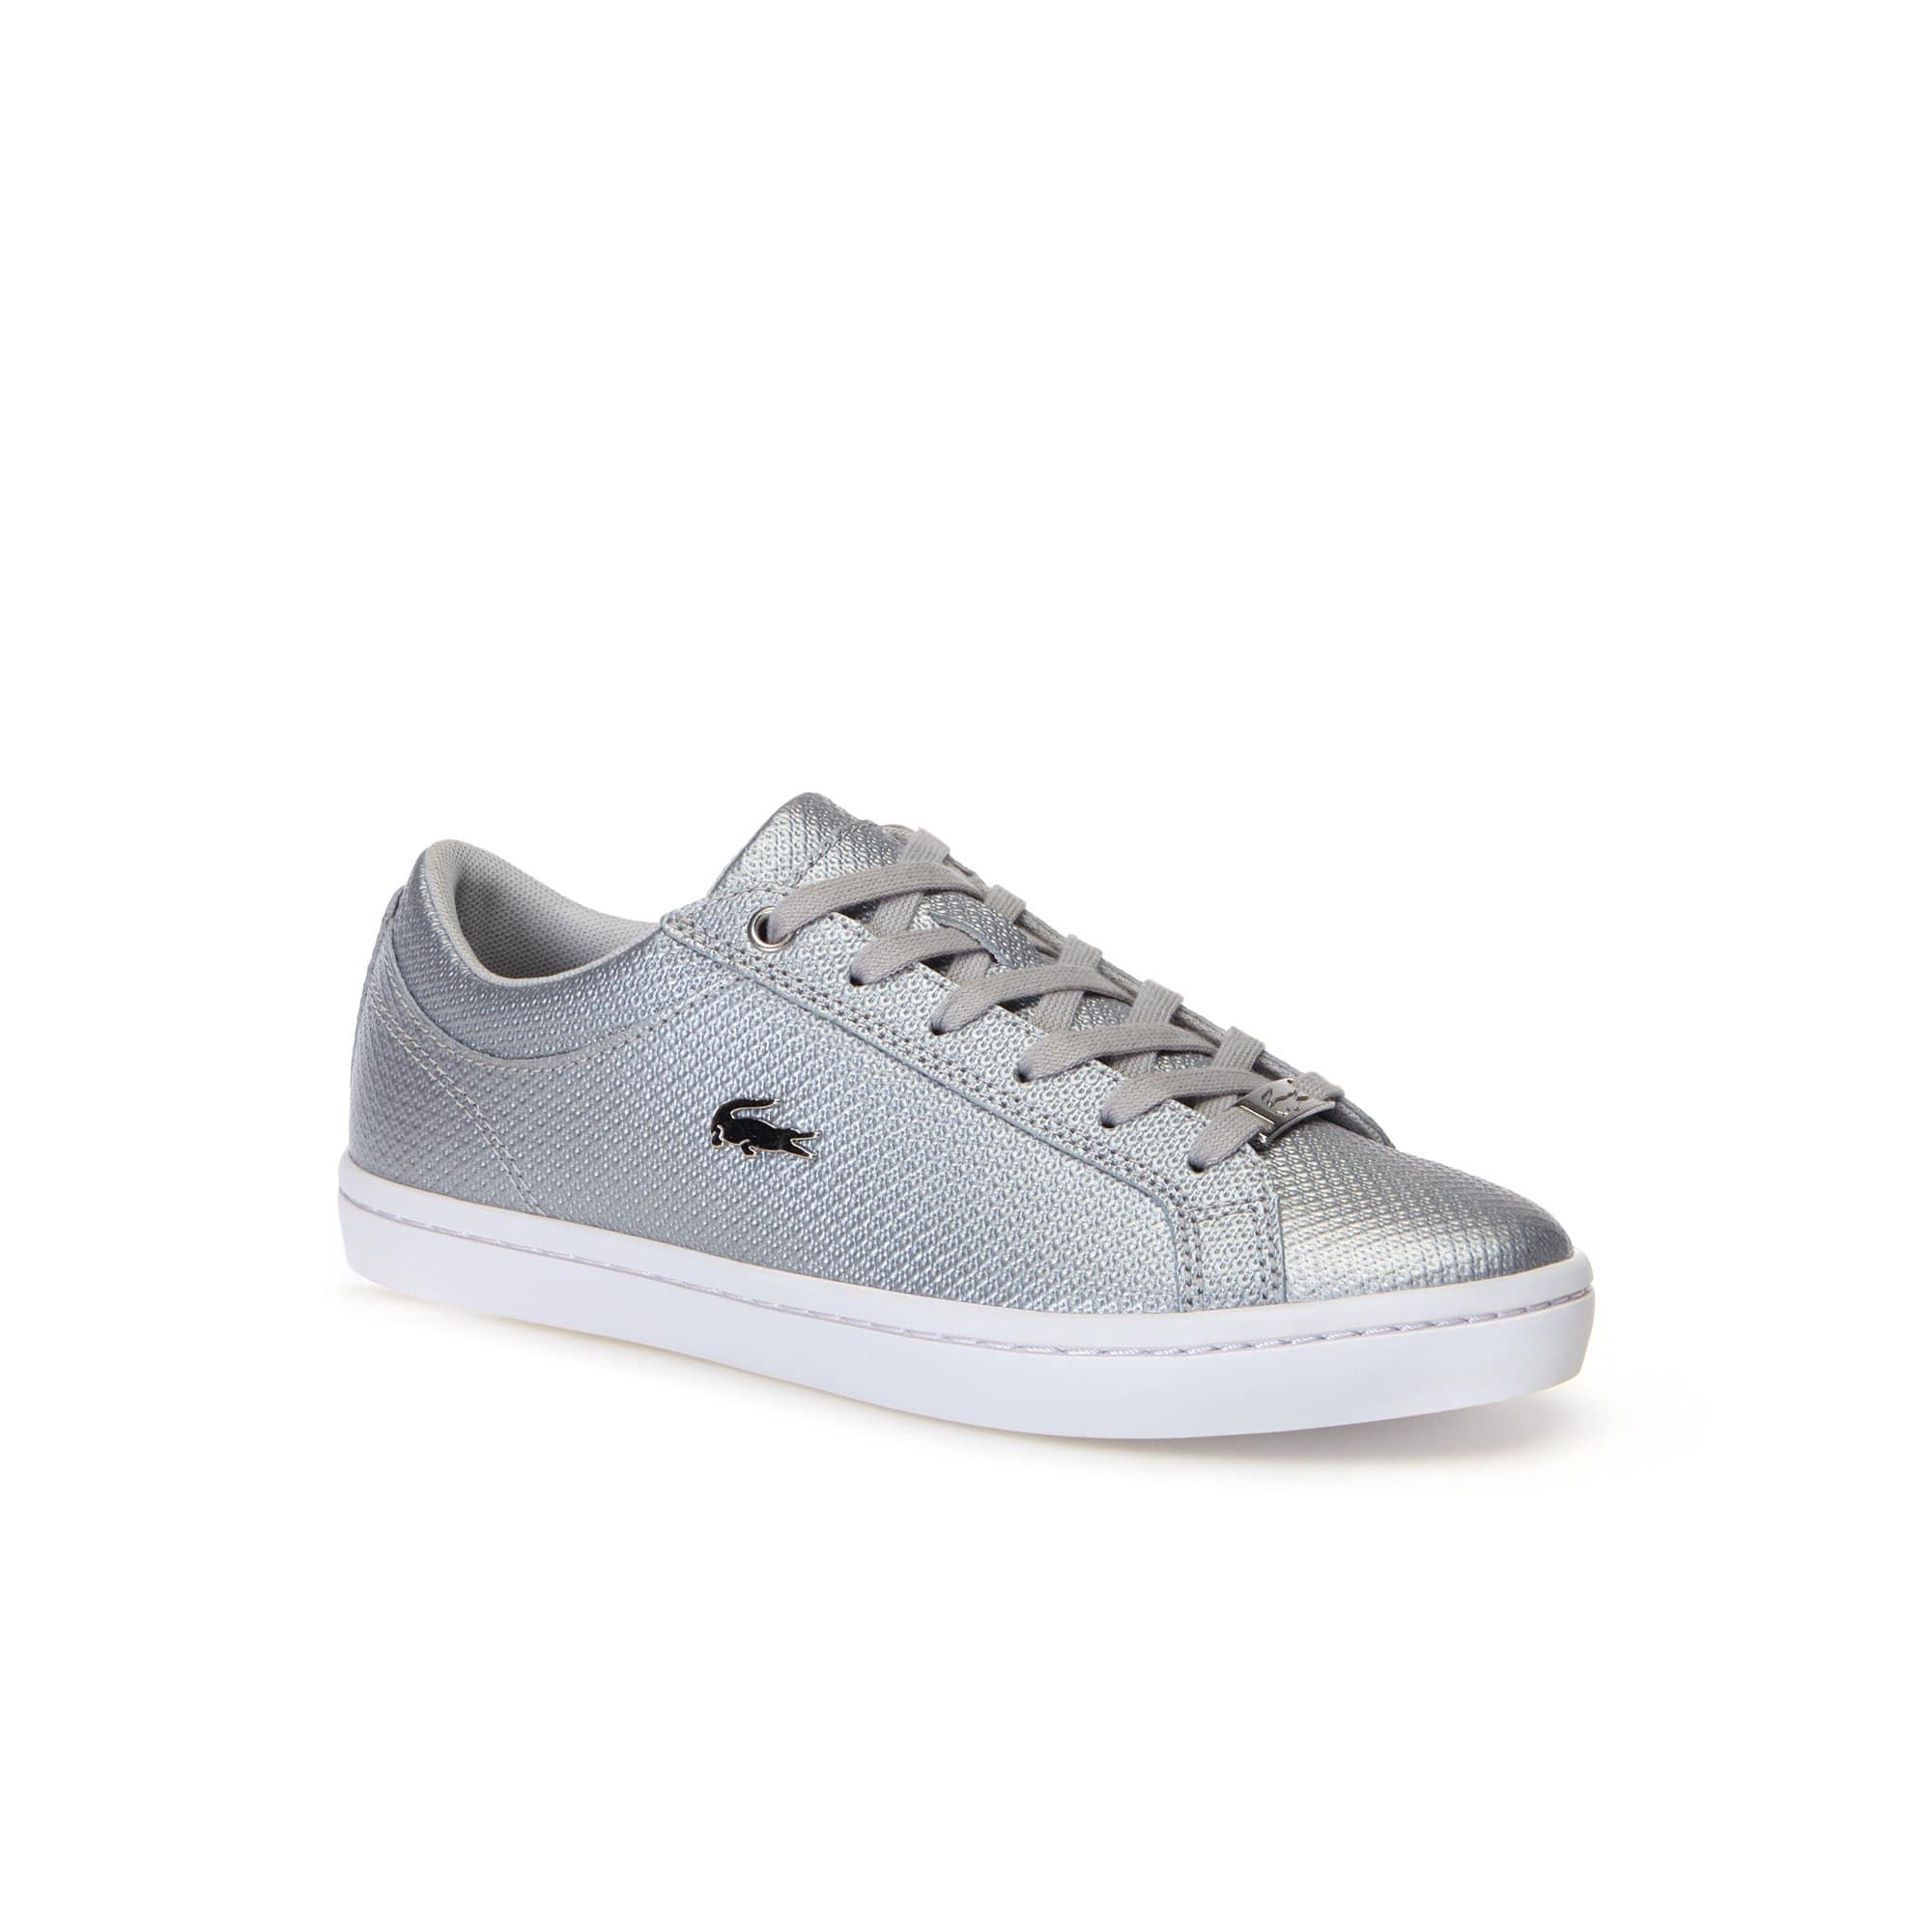 9f90942516 Sneakers Straightset Chantaco femme en cuir | LACOSTE